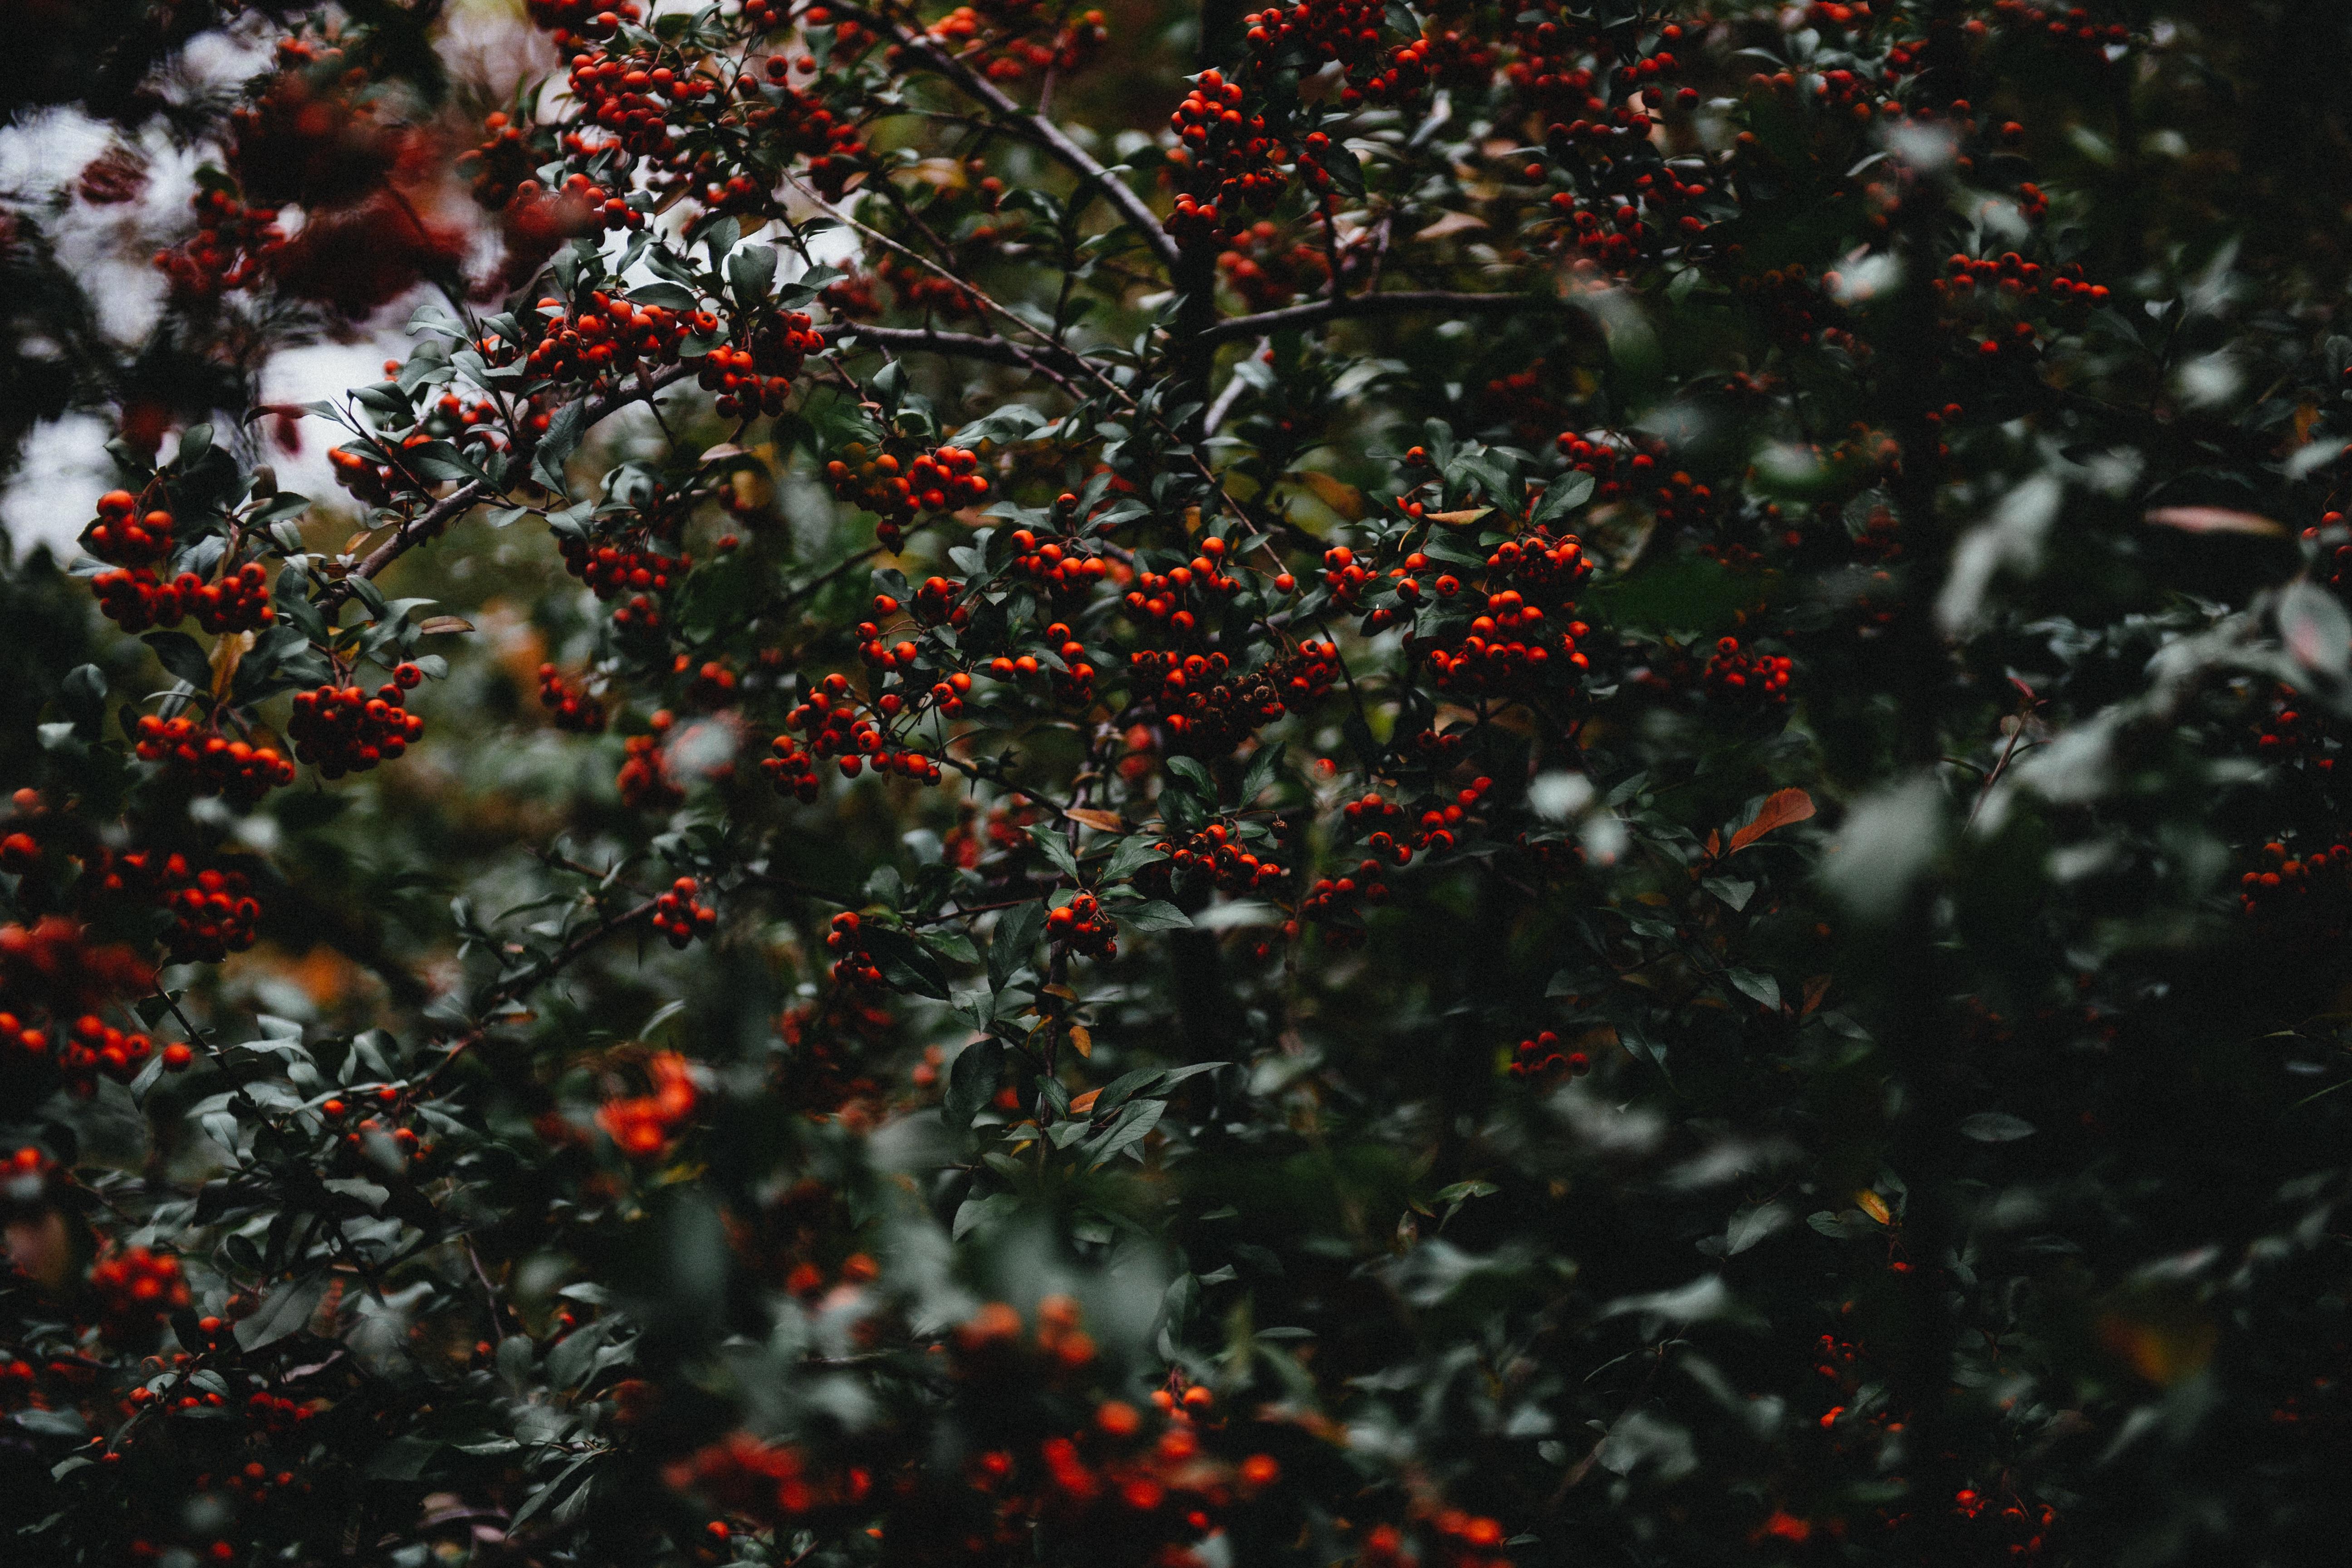 Images gratuites arbre branche plante fruit baie feuille fleur feuillage aliments for Comarbuste a feuille rouge